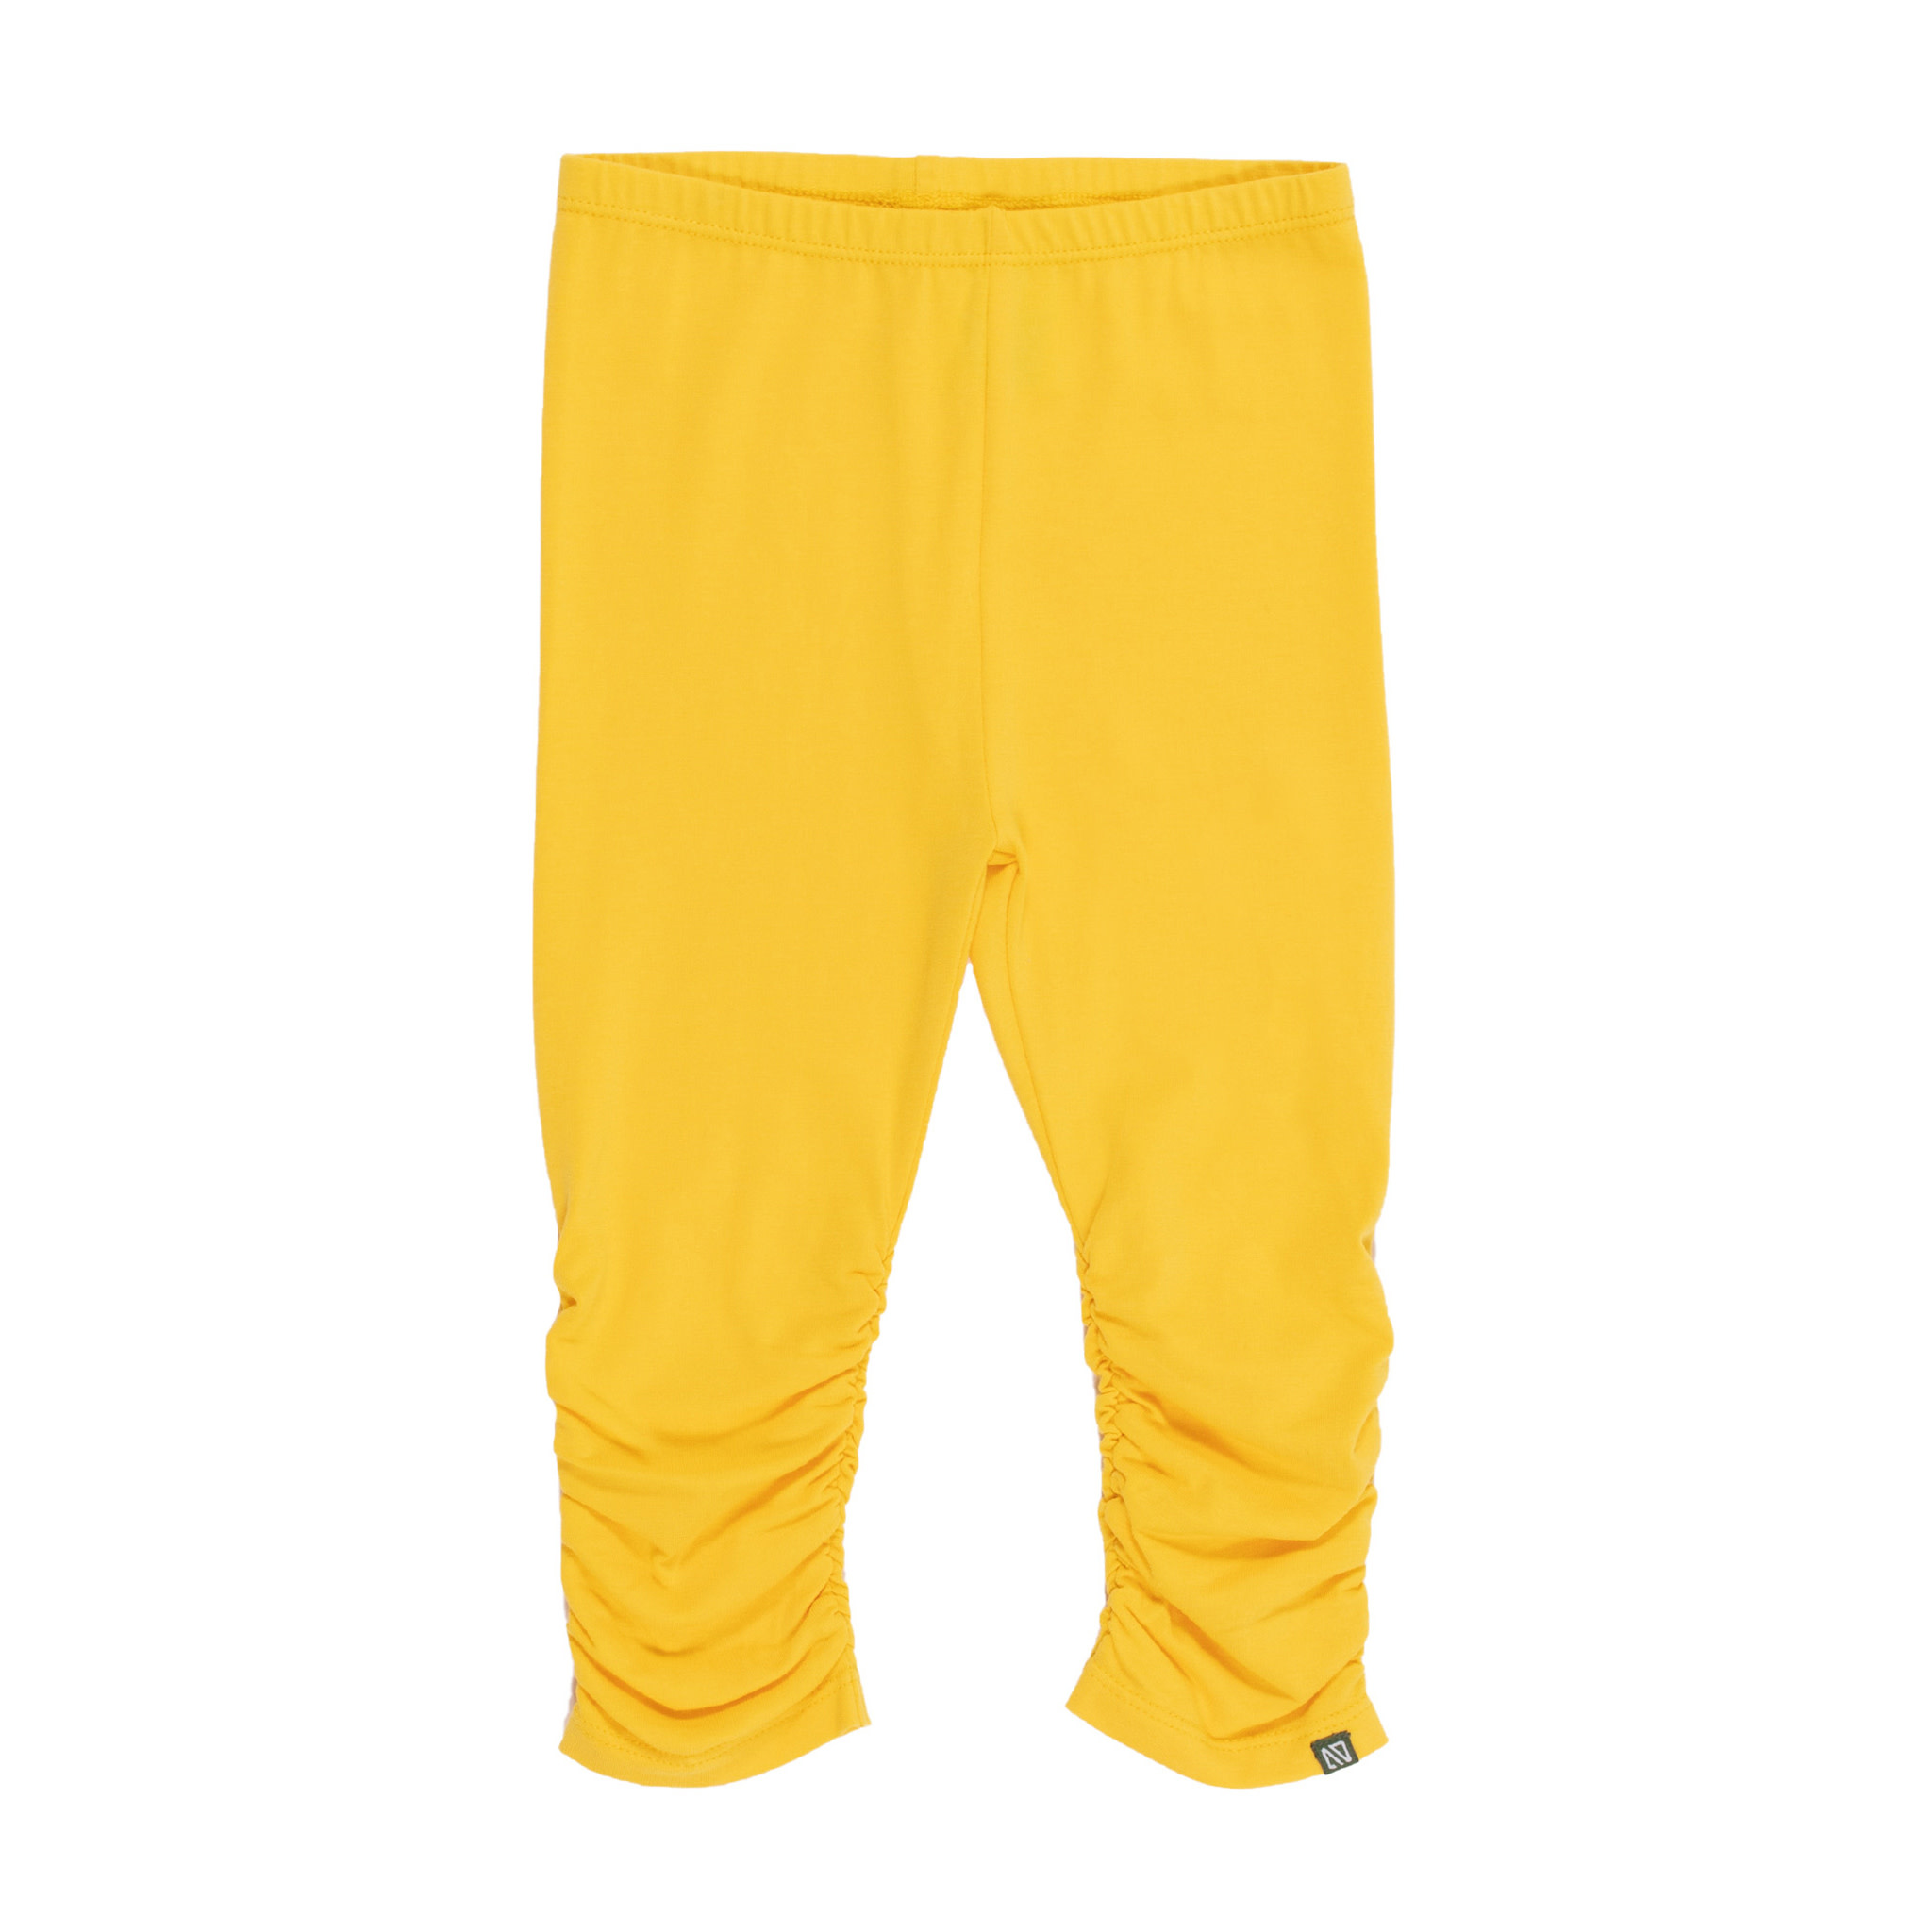 Legging 3/4 jaune Bonjour soleil-1